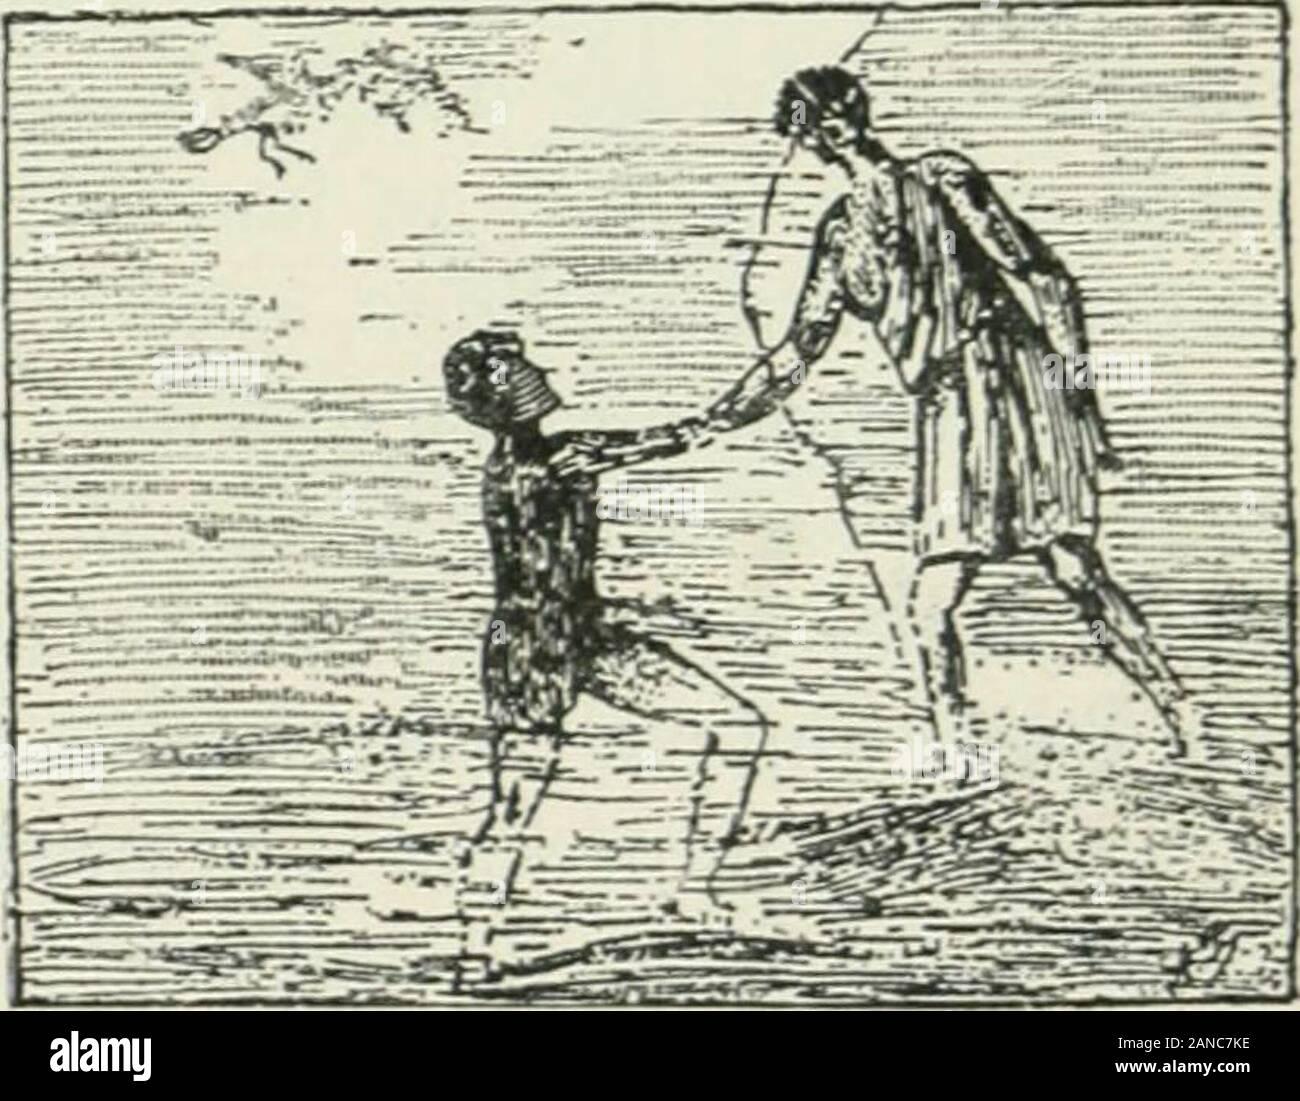 Éléments d'archéologie chrétienne . llés en rois ;ils portent le bonnet phrygien et le costume de grandspersonnages persans, comme S S. Abdon et Sennen dans lapeinture du cimetière de Pontien. Les Romains aimaientcette scène, qui rappelait la vocation des Gentils à la foi. Le BAPTÊME DE Notre-Seigneuk. — Sujet rare, quelon voit pourtant dansles cryptes de Lucine :S. Jean reçoit NotreSeigneur au moment oùil sort de leau ; la pré-sence de la colombe,figure du Saint-Esprit,prouve quil ne sagitpas dun baptême quel-conque, mais du bap-tême du Sauveur. Les >riRACLES évangéliQUES. — Ceux quon trou Stock Photo